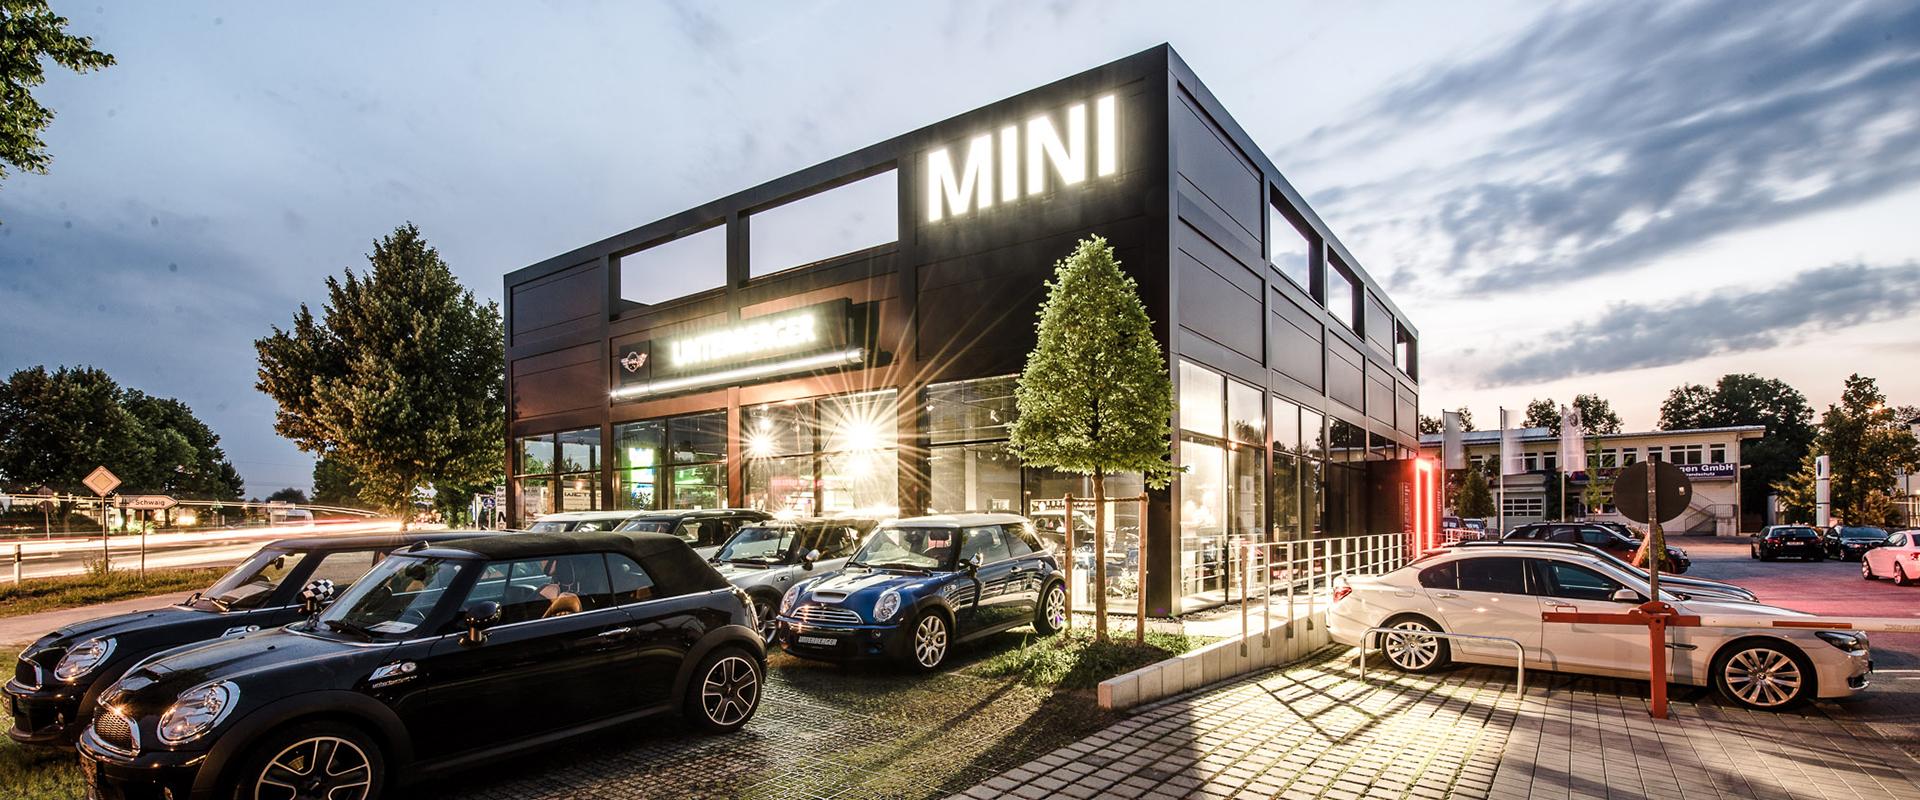 autohaus-mini-titel